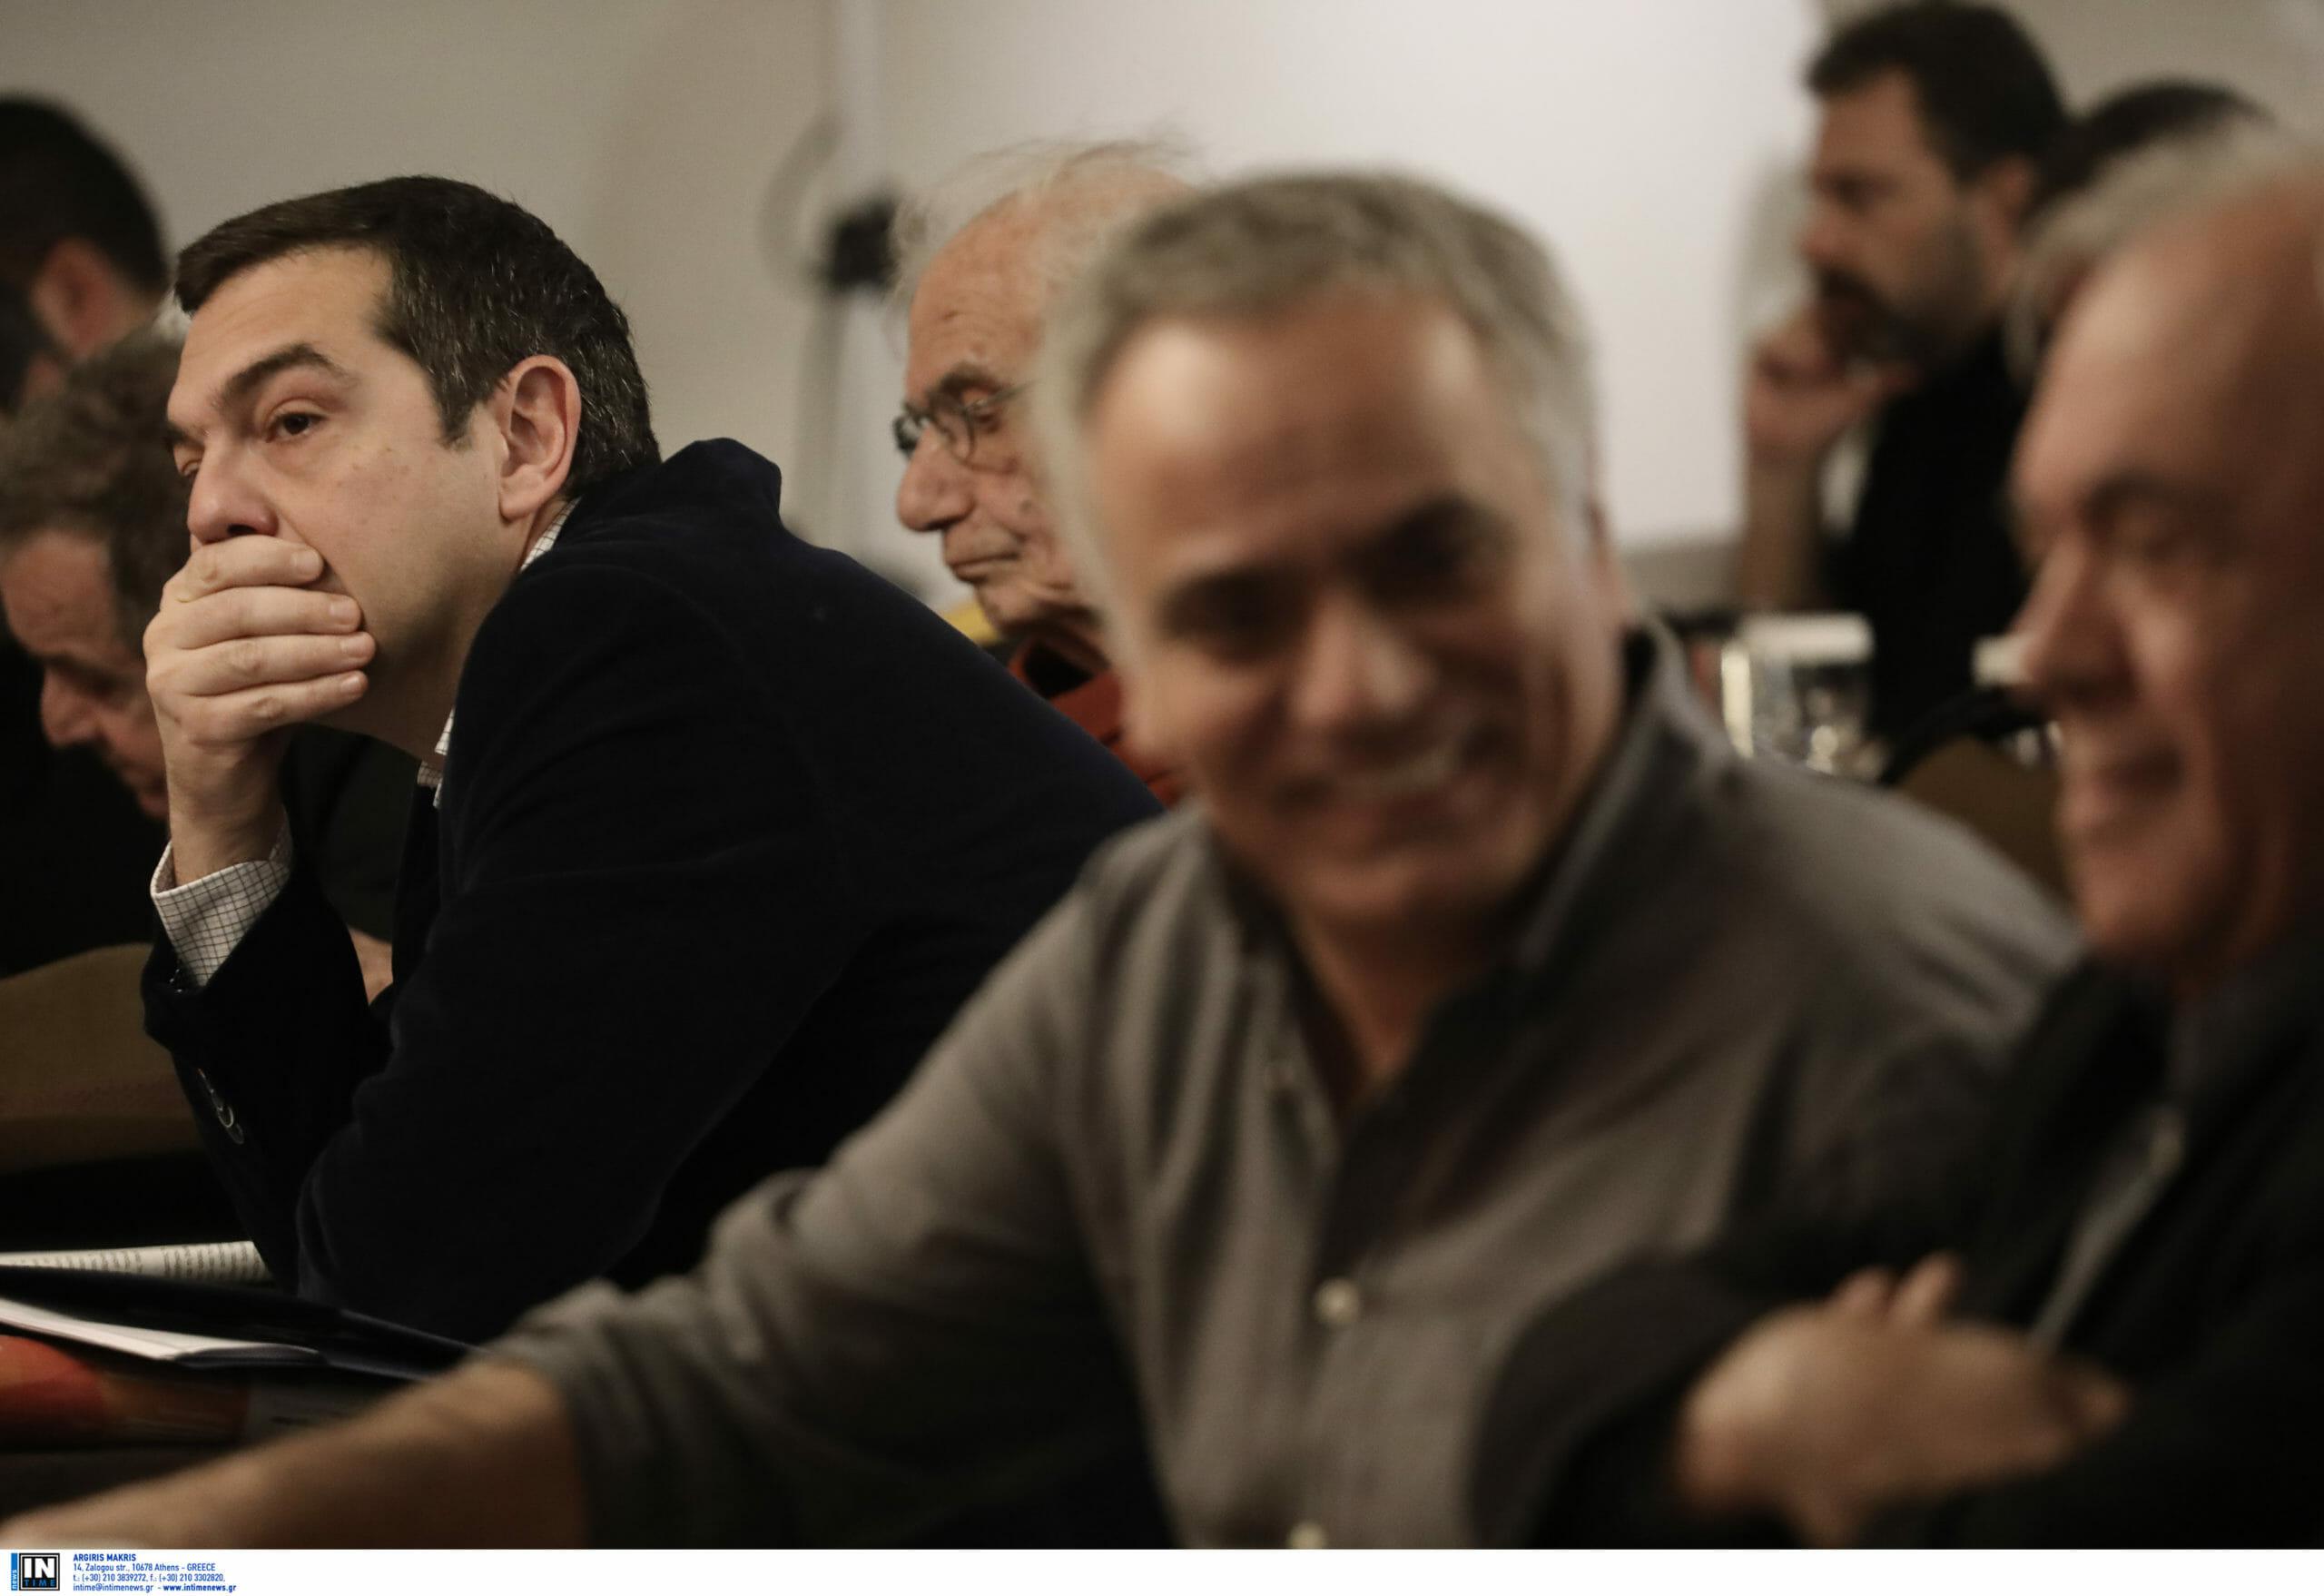 ΚΕ ΣΥΡΙΖΑ: Ο Σκουρλέτης σήκωσε το γάντι από τον Τσίπρα και έδωσε απαντήσεις